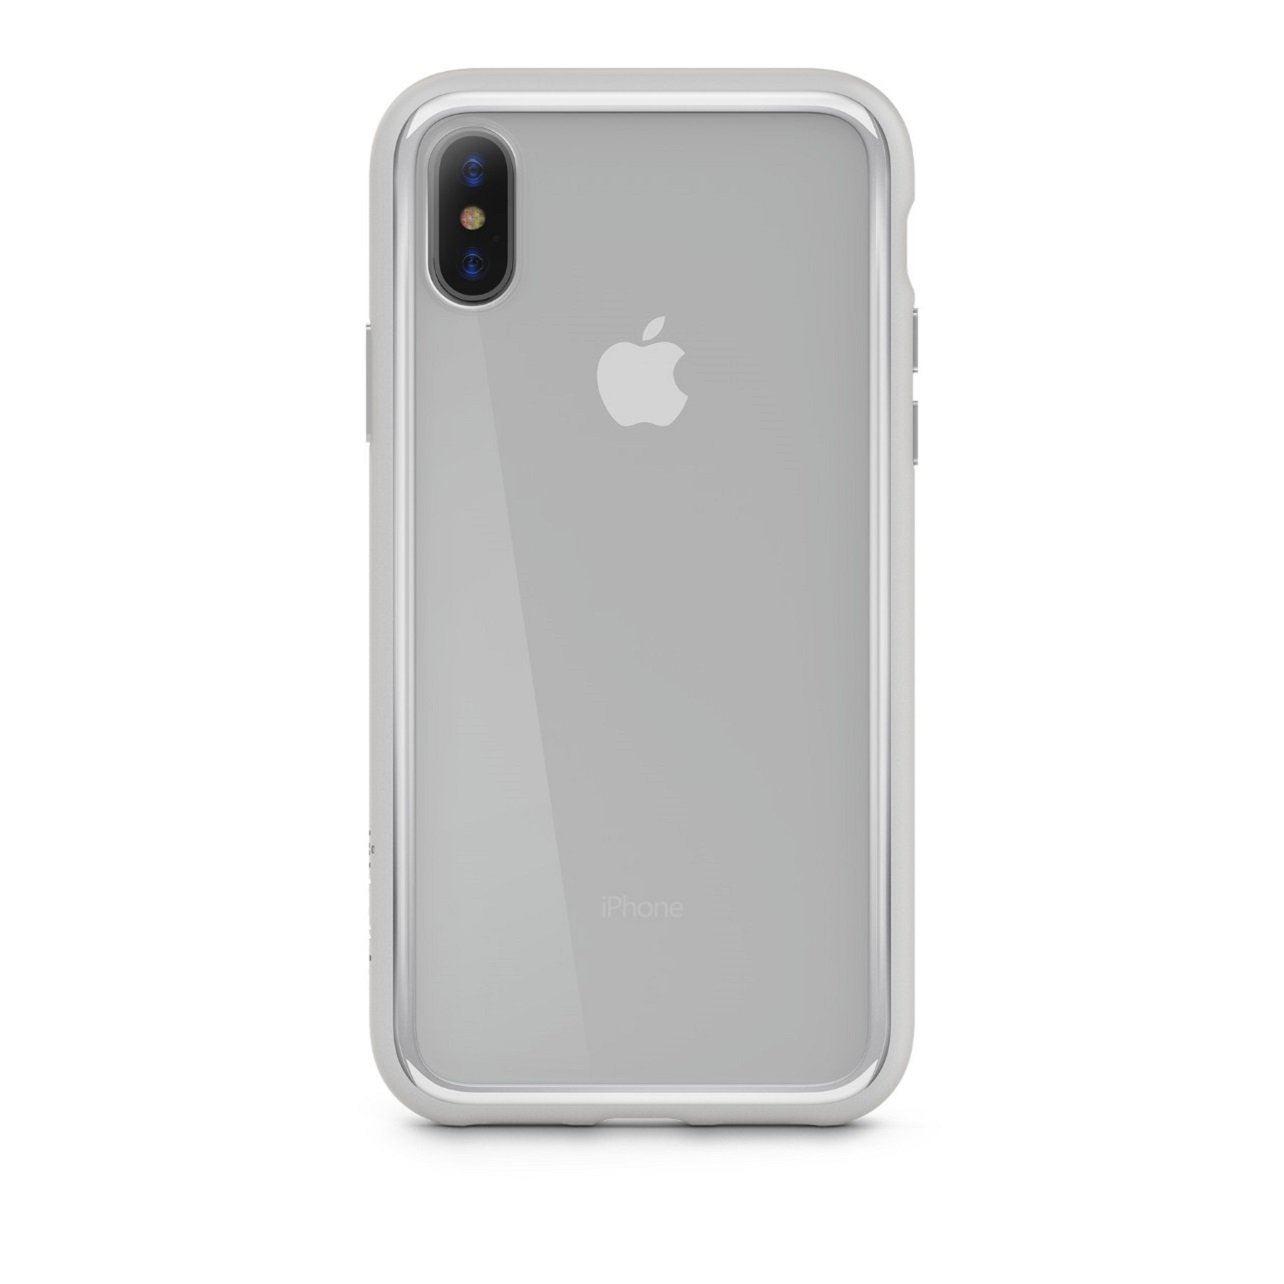 Indexbild 19 - Belkin sheerforce Elite Drop schützende resistente transparente Schutzhülle für iPhone x